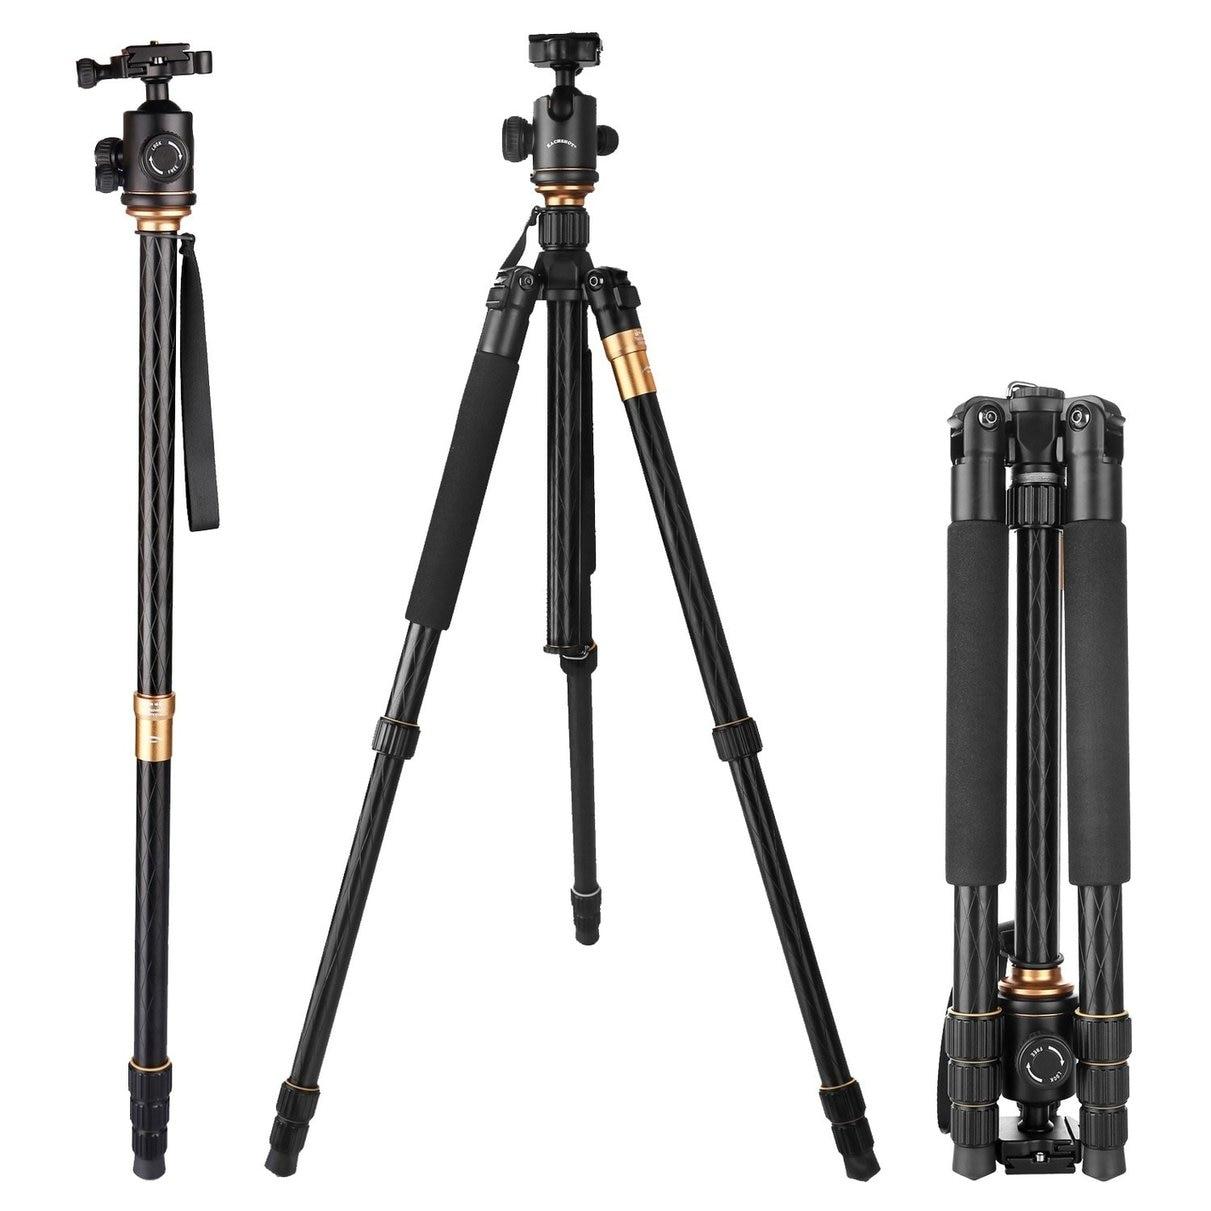 DHL Q999 trépied Portable photographique gratuit à monopode + tête à bille pour appareil photo reflex numérique pliable 43 cm chargement Max 15Kg